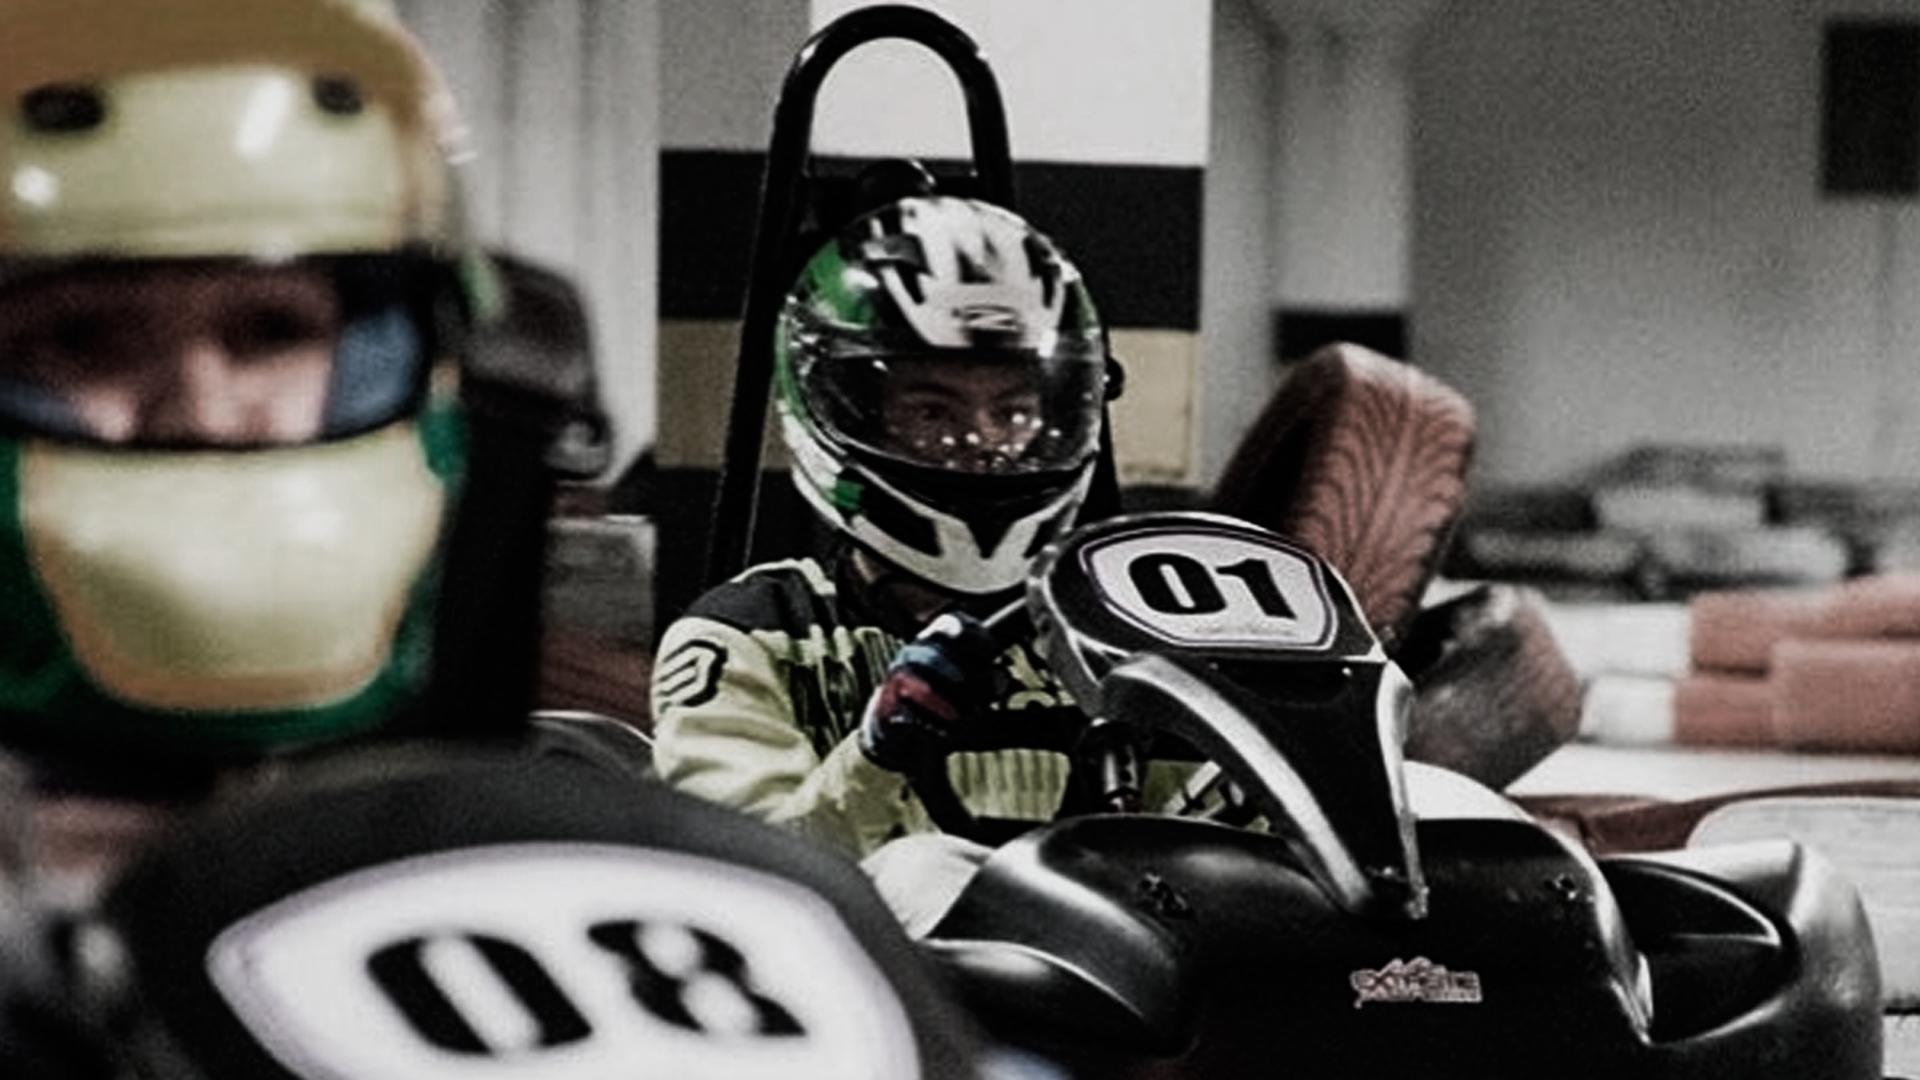 Dois pilotos de kart, preparados para iniciar a corrida no Kart Extra Curitiba, a maior pista de kart indoor de Curitiba